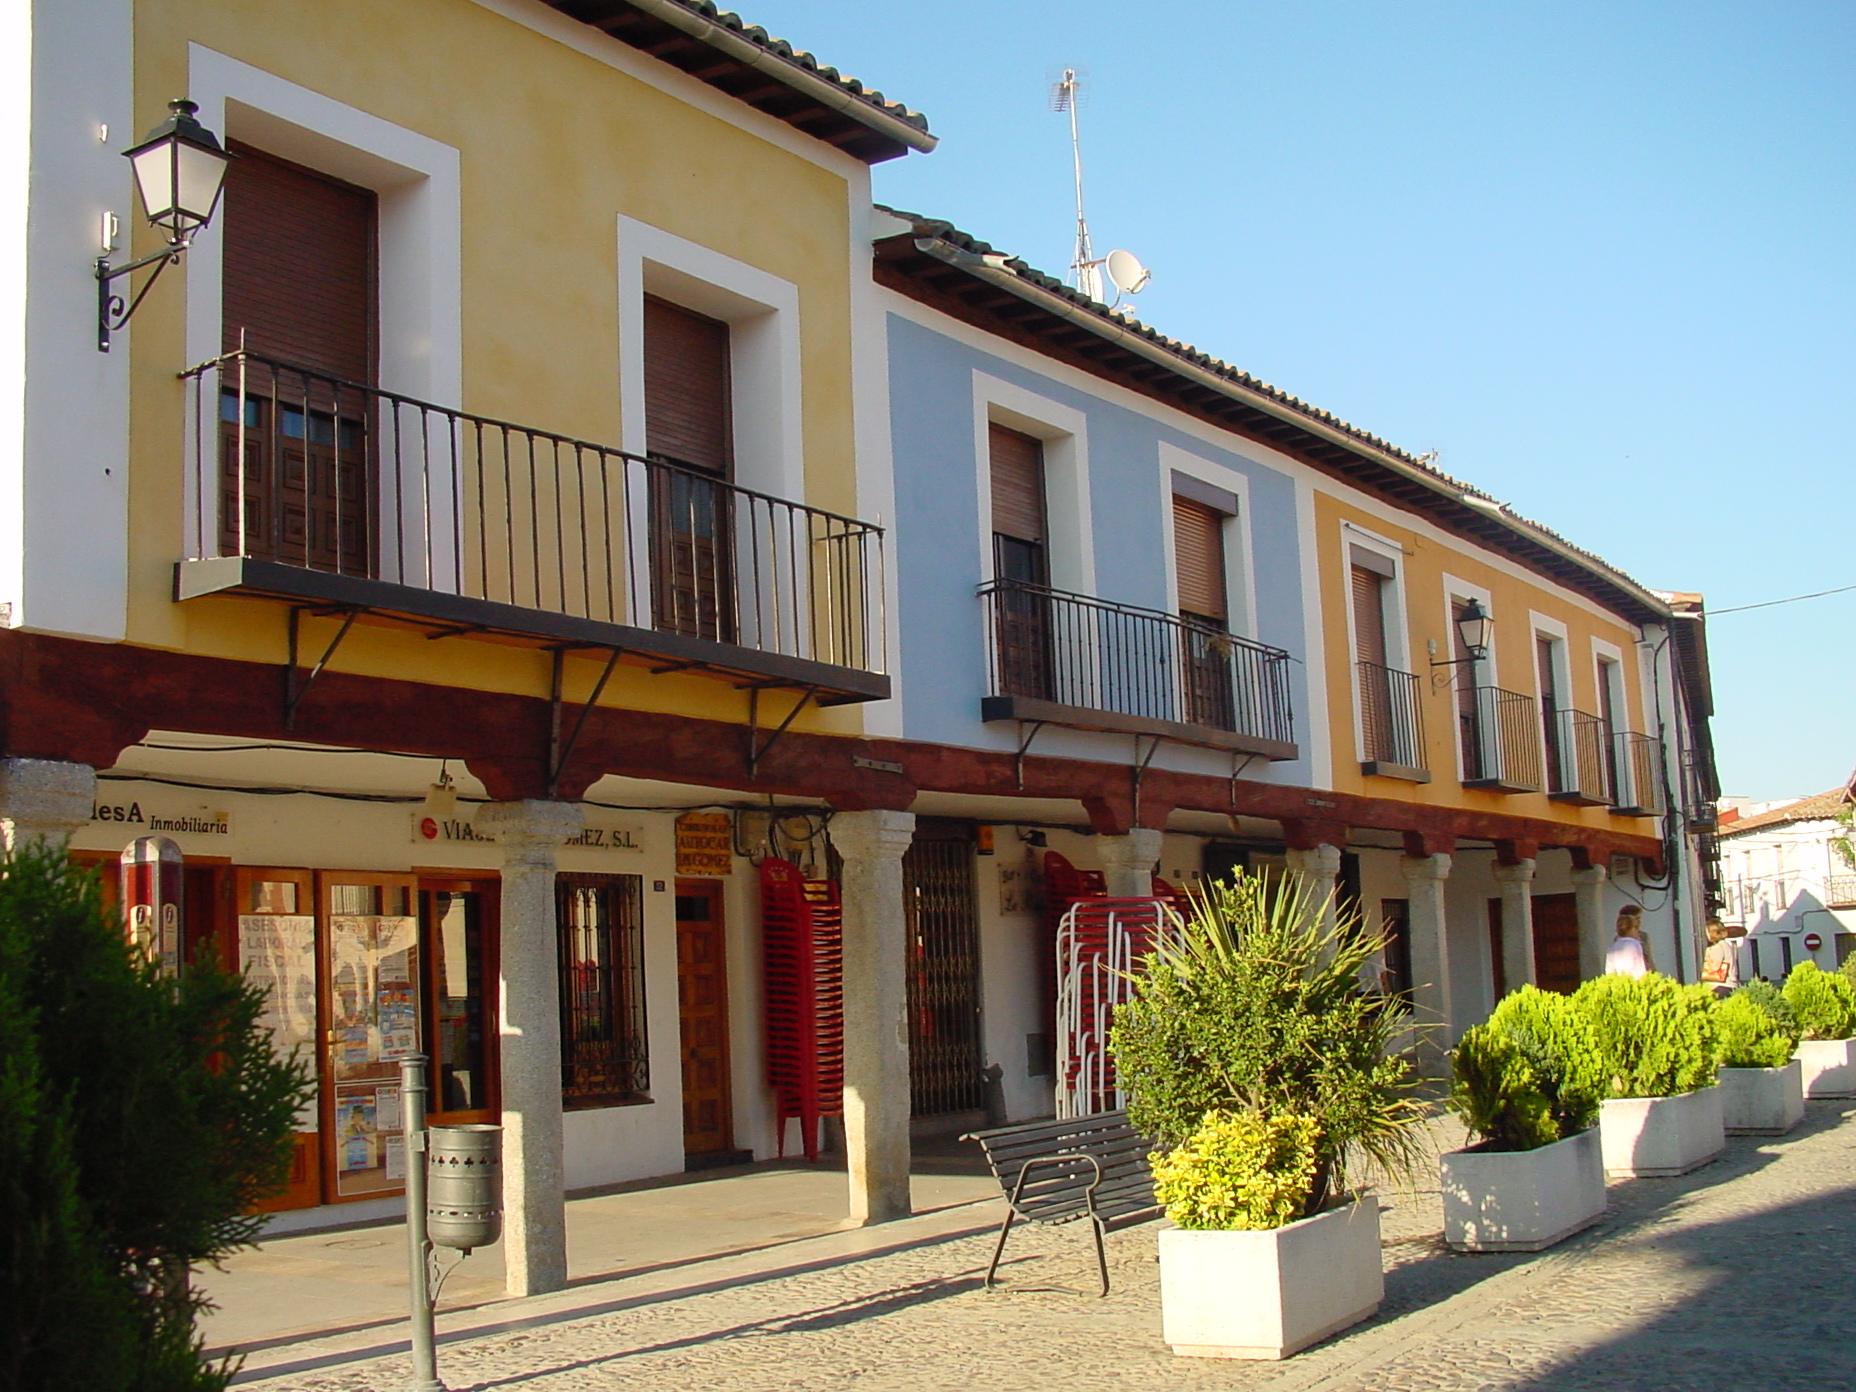 Casas con soportales en Navalcarnero